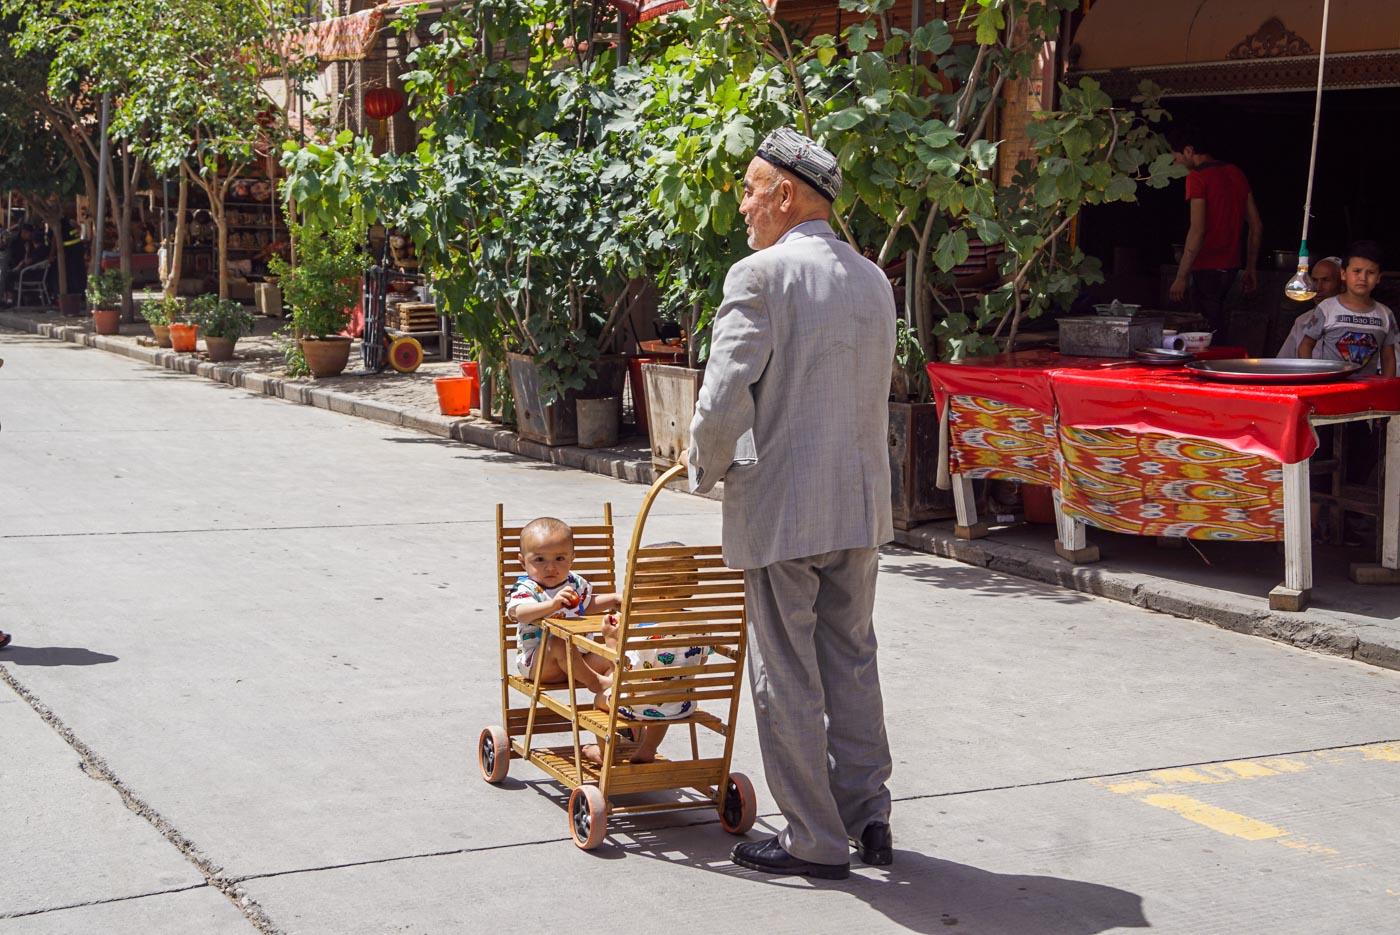 Zu sehen ist ein alter Mann im grauen Anzug mit uiguren Mütze. Er schiebt einen selbstgebauten zweisitzigen Kinderwagen bei dem sich zwei kleine Zwillinge durch einen kleinen Tisch getrennt gegenübersitzen.